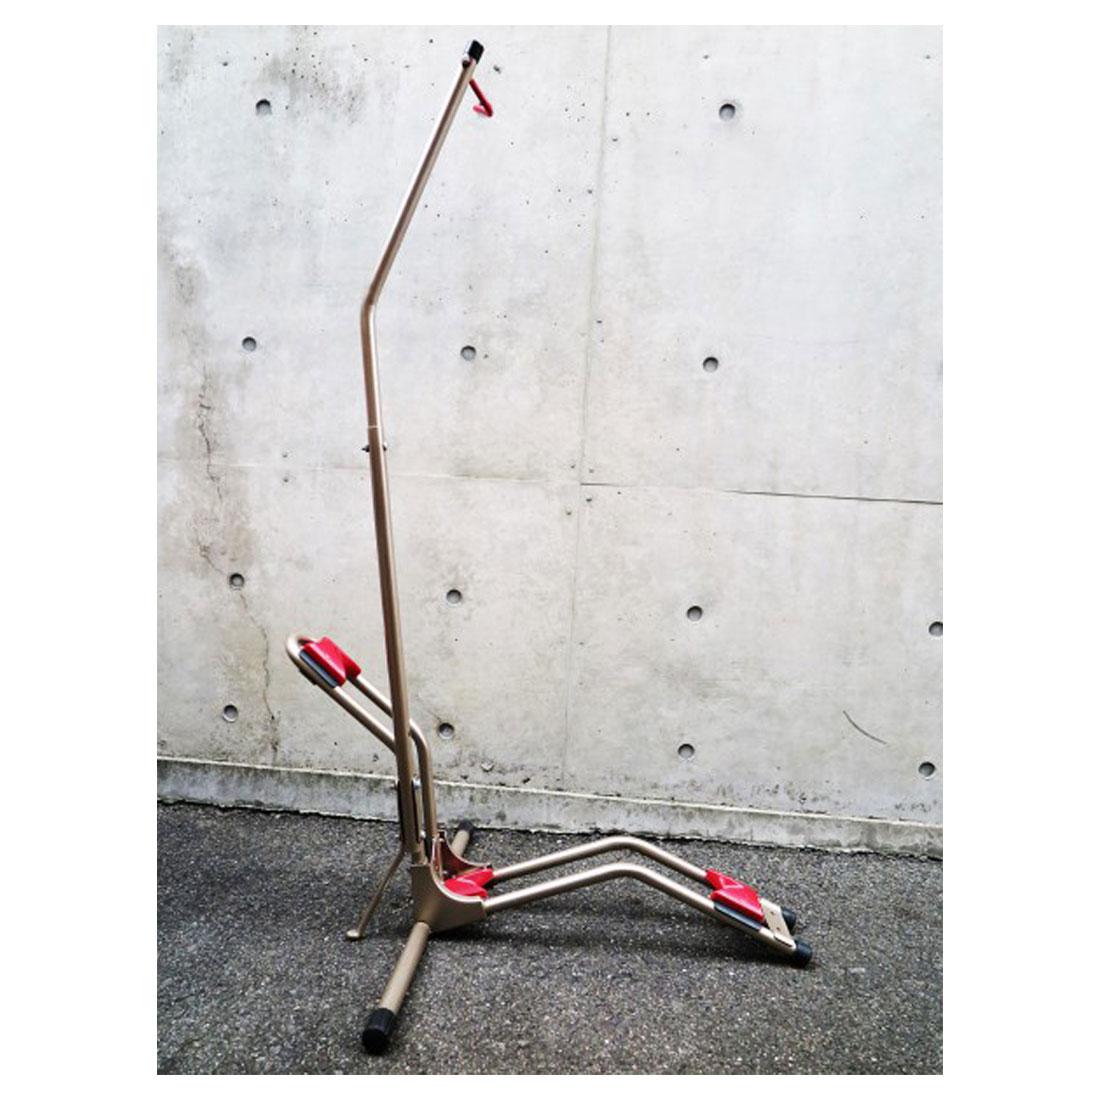 《即納》【あす楽】MINOURA(ミノウラ) DS-800AKI 縦置き対応の省スペース自転車ラック 屋内保管スタンドに[ディスプレイスタンド][スタンド型](DS2100姉妹品)